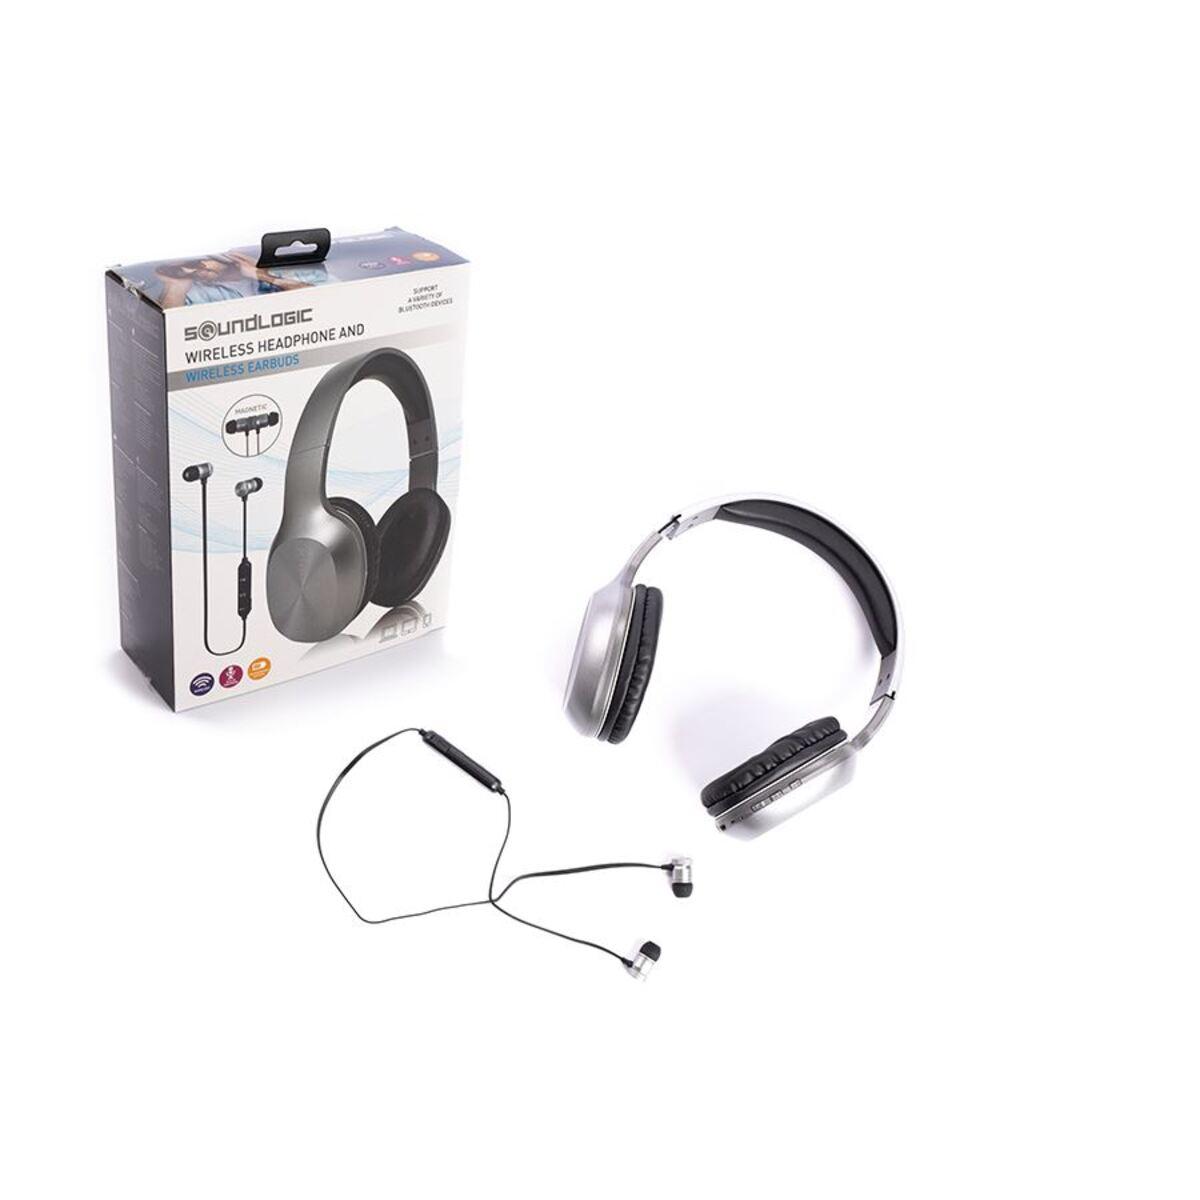 Bild 1 von Soundlogic 2in1 Bluetooth-Kopfhörer